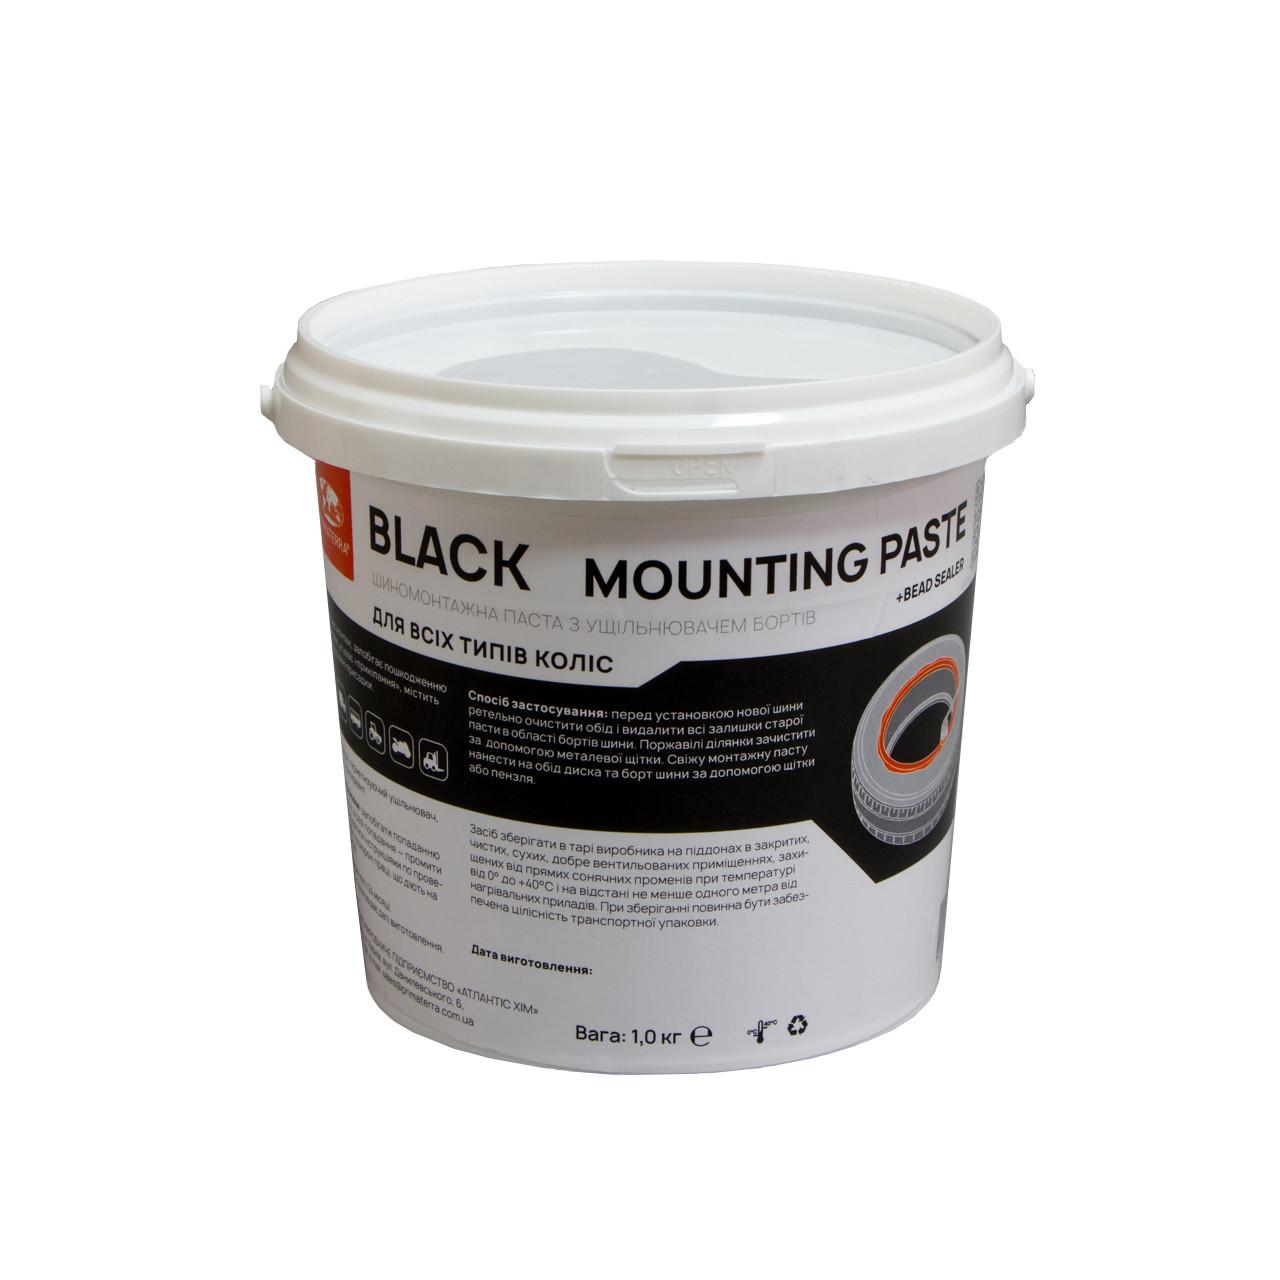 Шиномонтажний гель BLACK (ЧОРНА), 1 кг